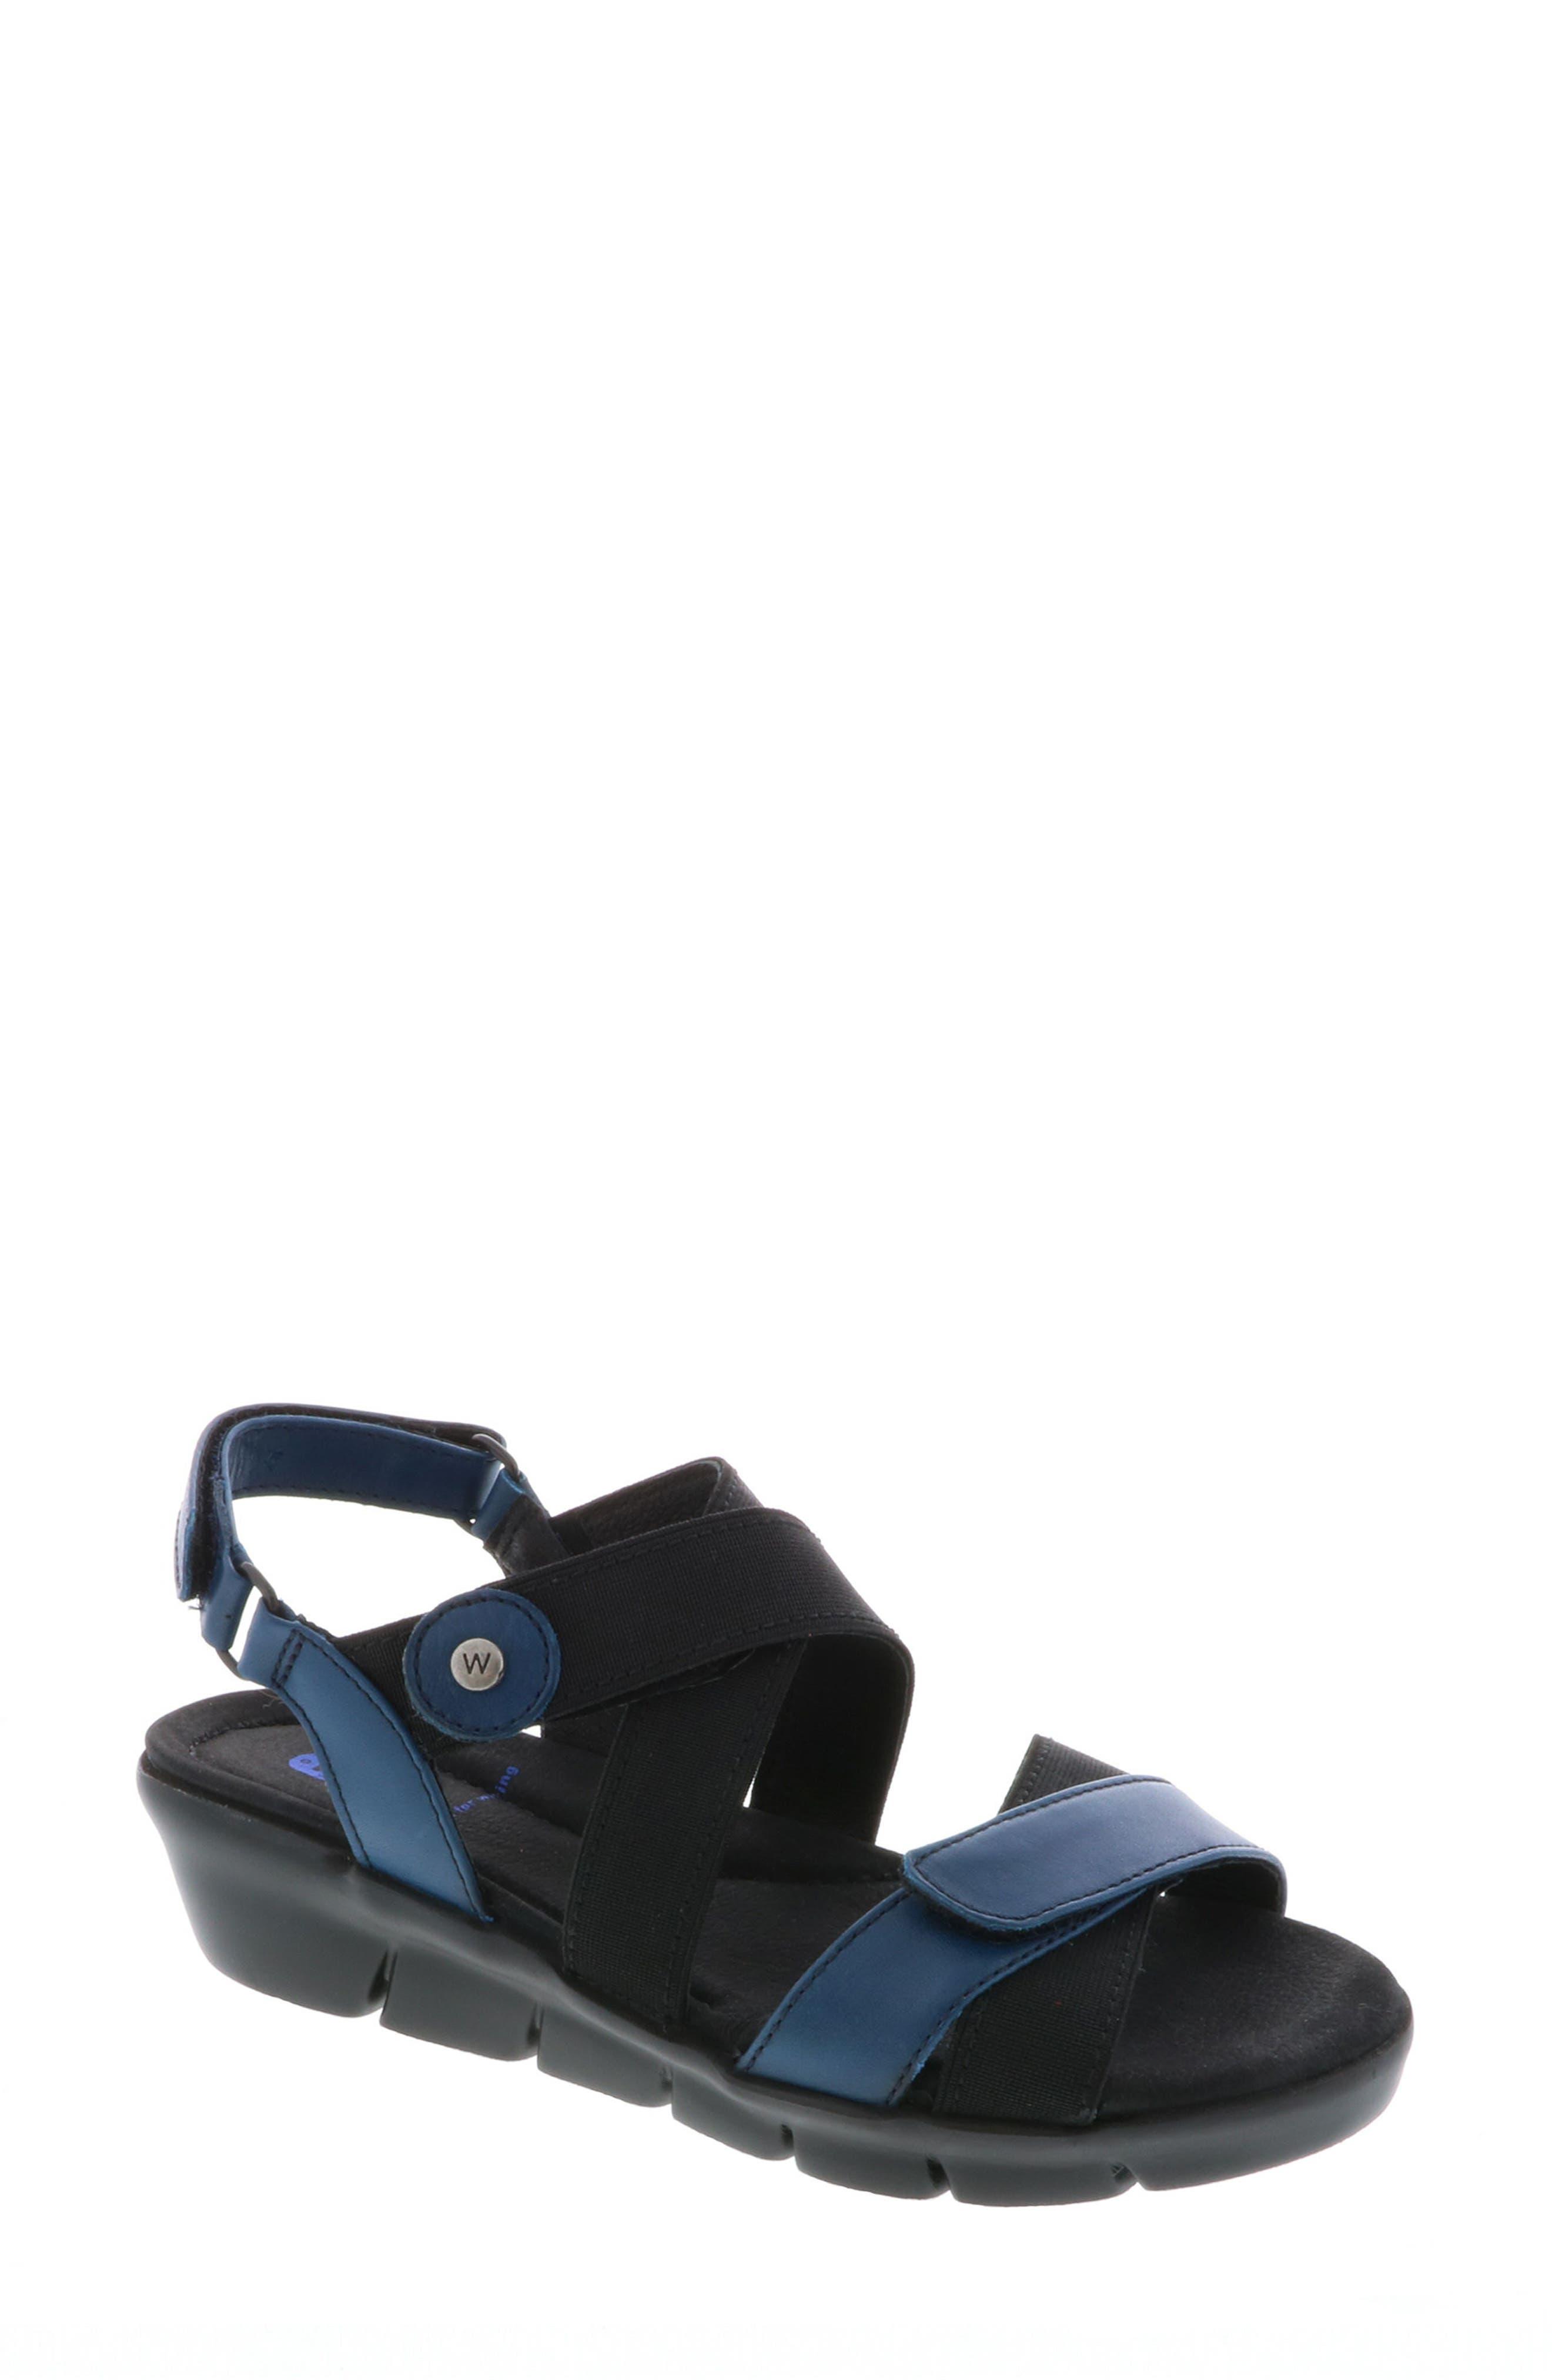 Electra Sandal,                         Main,                         color, Blue Faux Leather